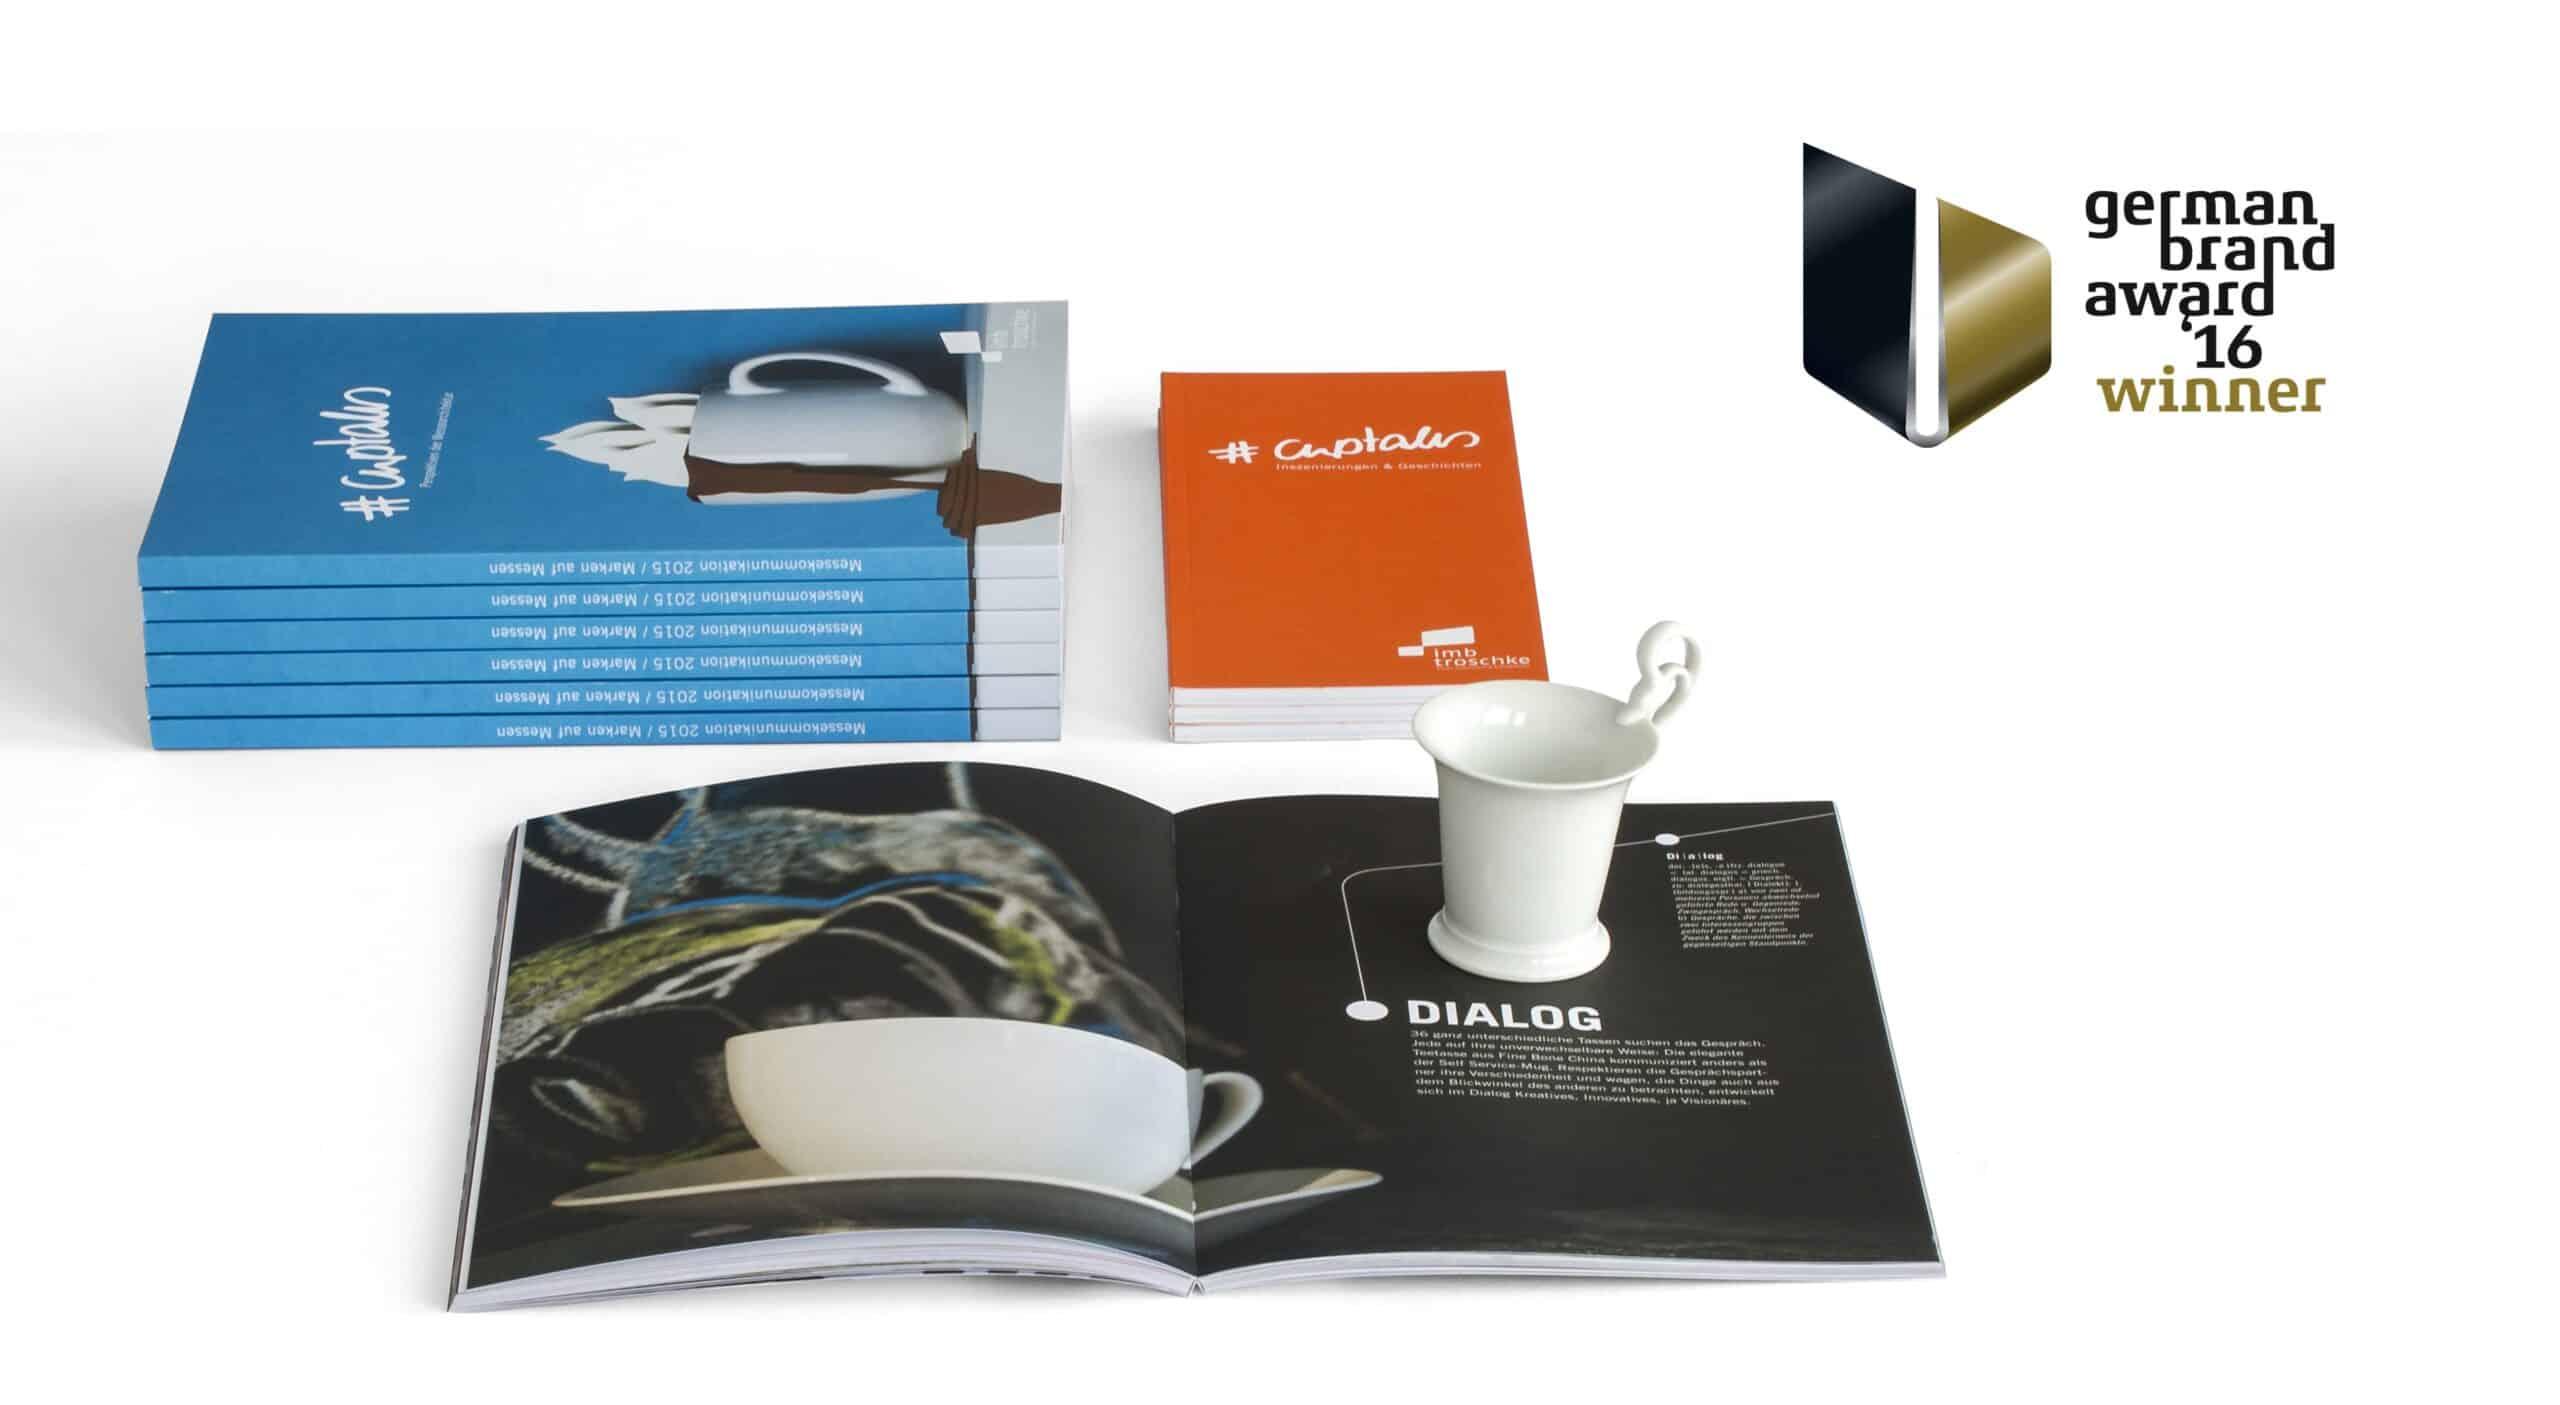 #cuptales Broschüre gewinnt den German Brand Award